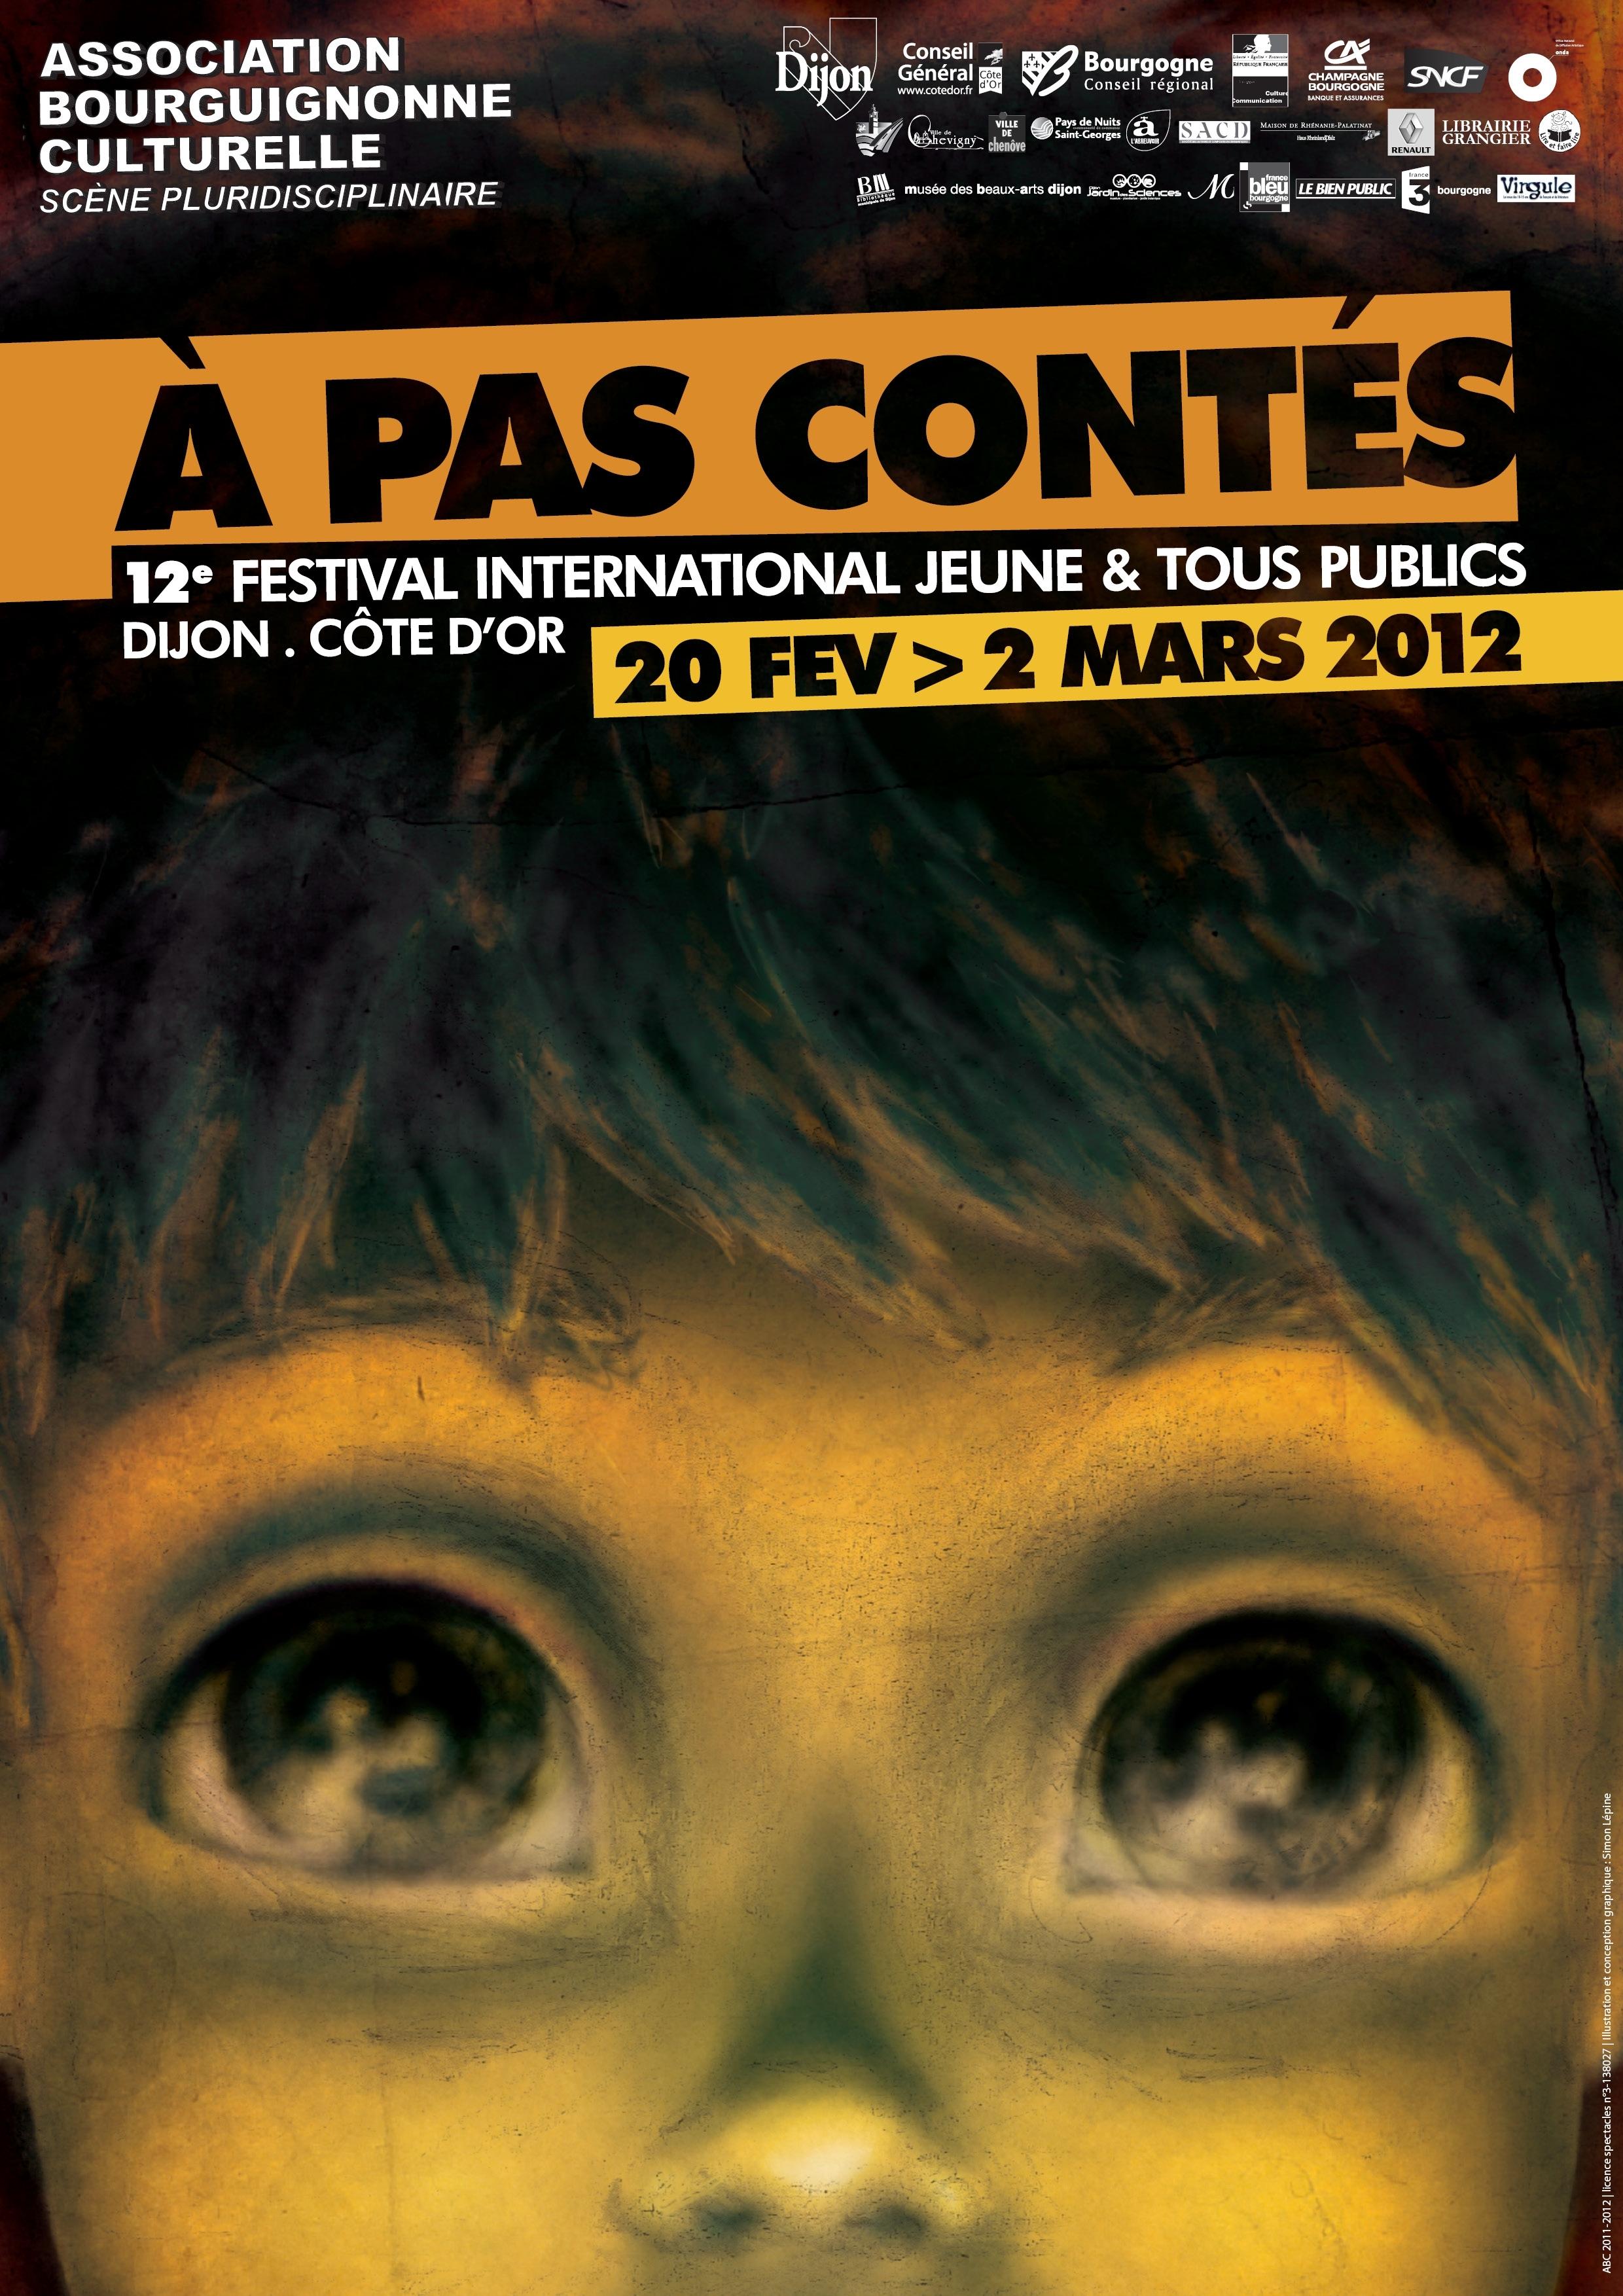 Image A Pas Contés